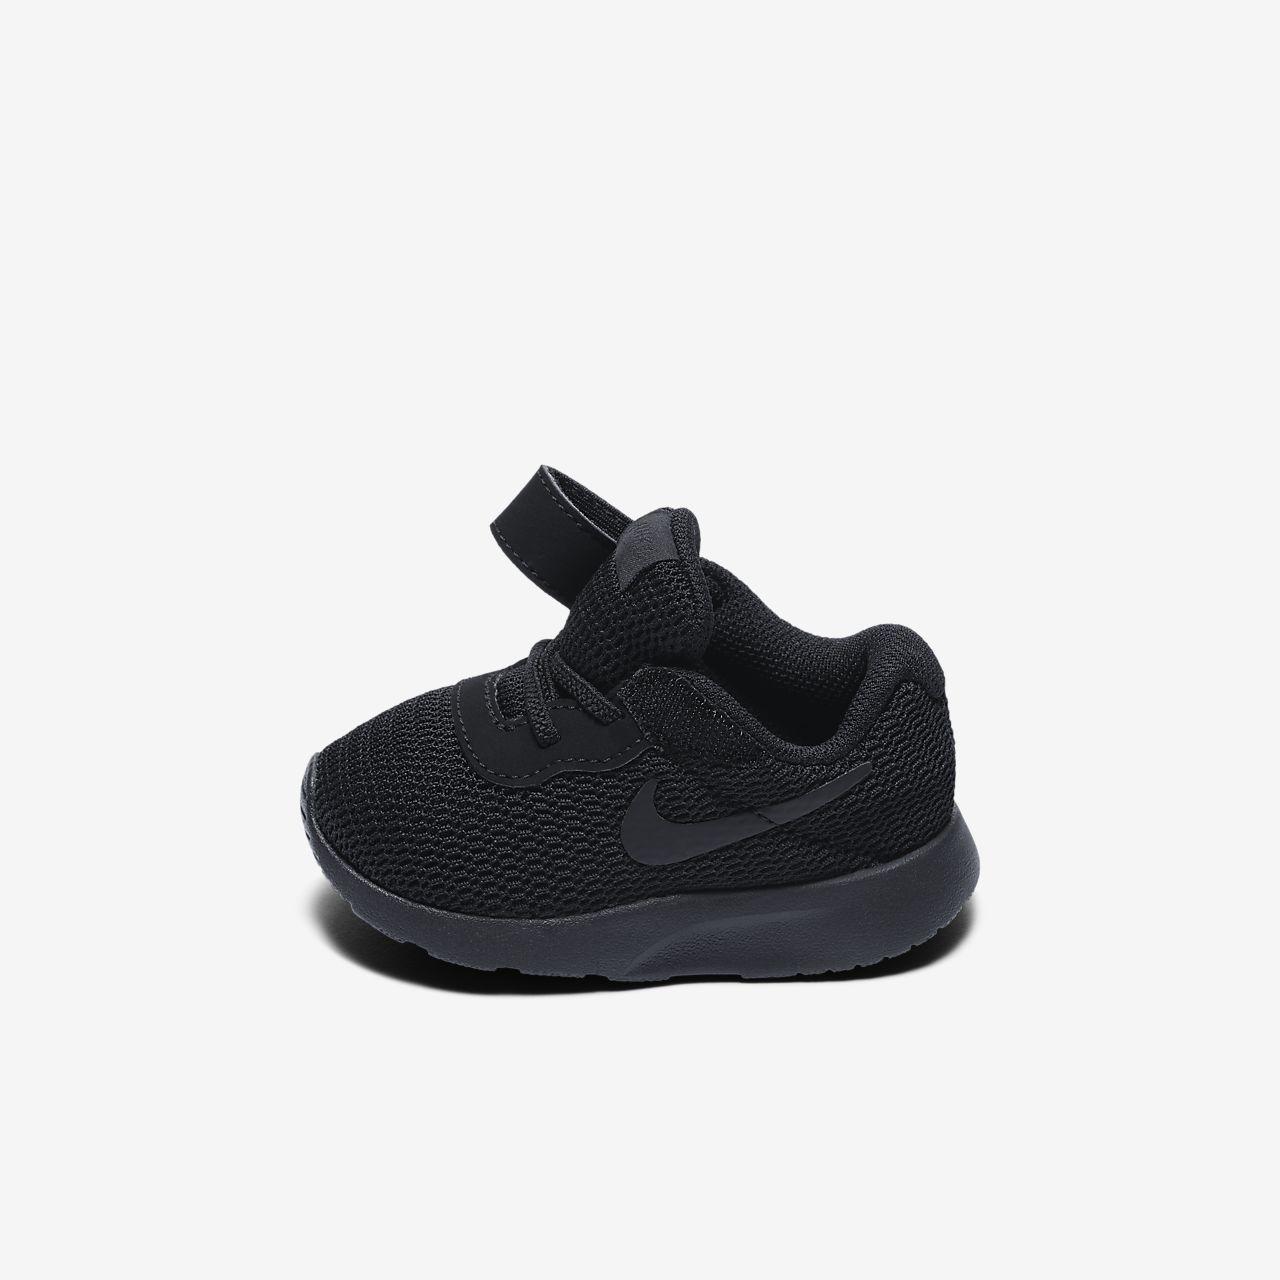 timeless design 5d467 921b2 ... Chaussure Nike Tanjun pour Bébé Petit enfant (17-27)